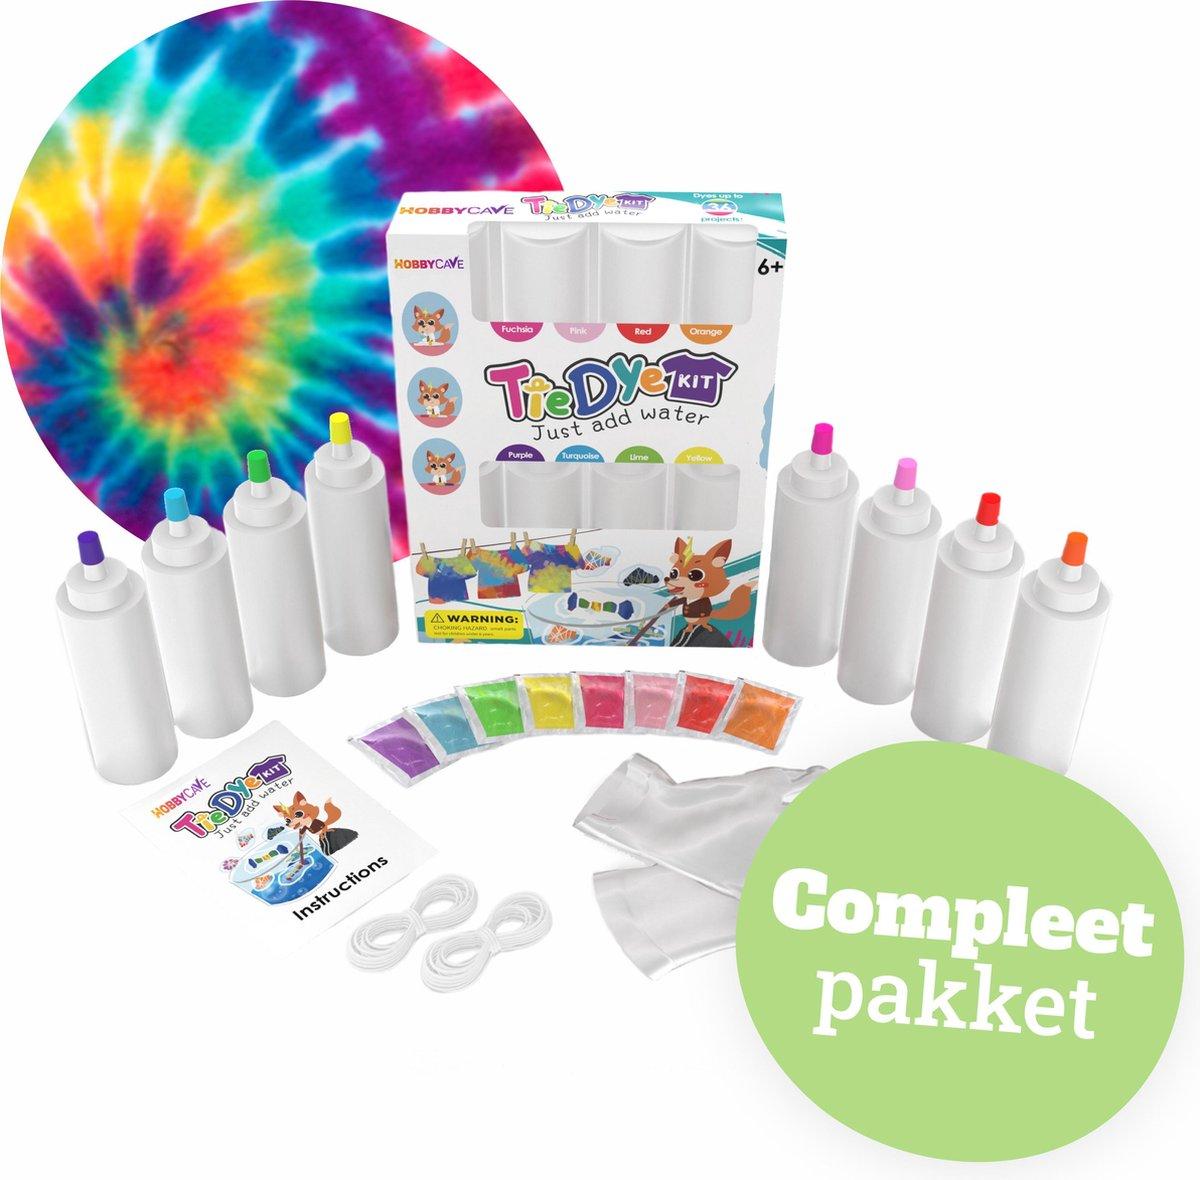 Tie Dye Kit - Verf - 8 Kleuren van 120ml - 36 projecten – Textielverf set - Complete Set -Hobbycave